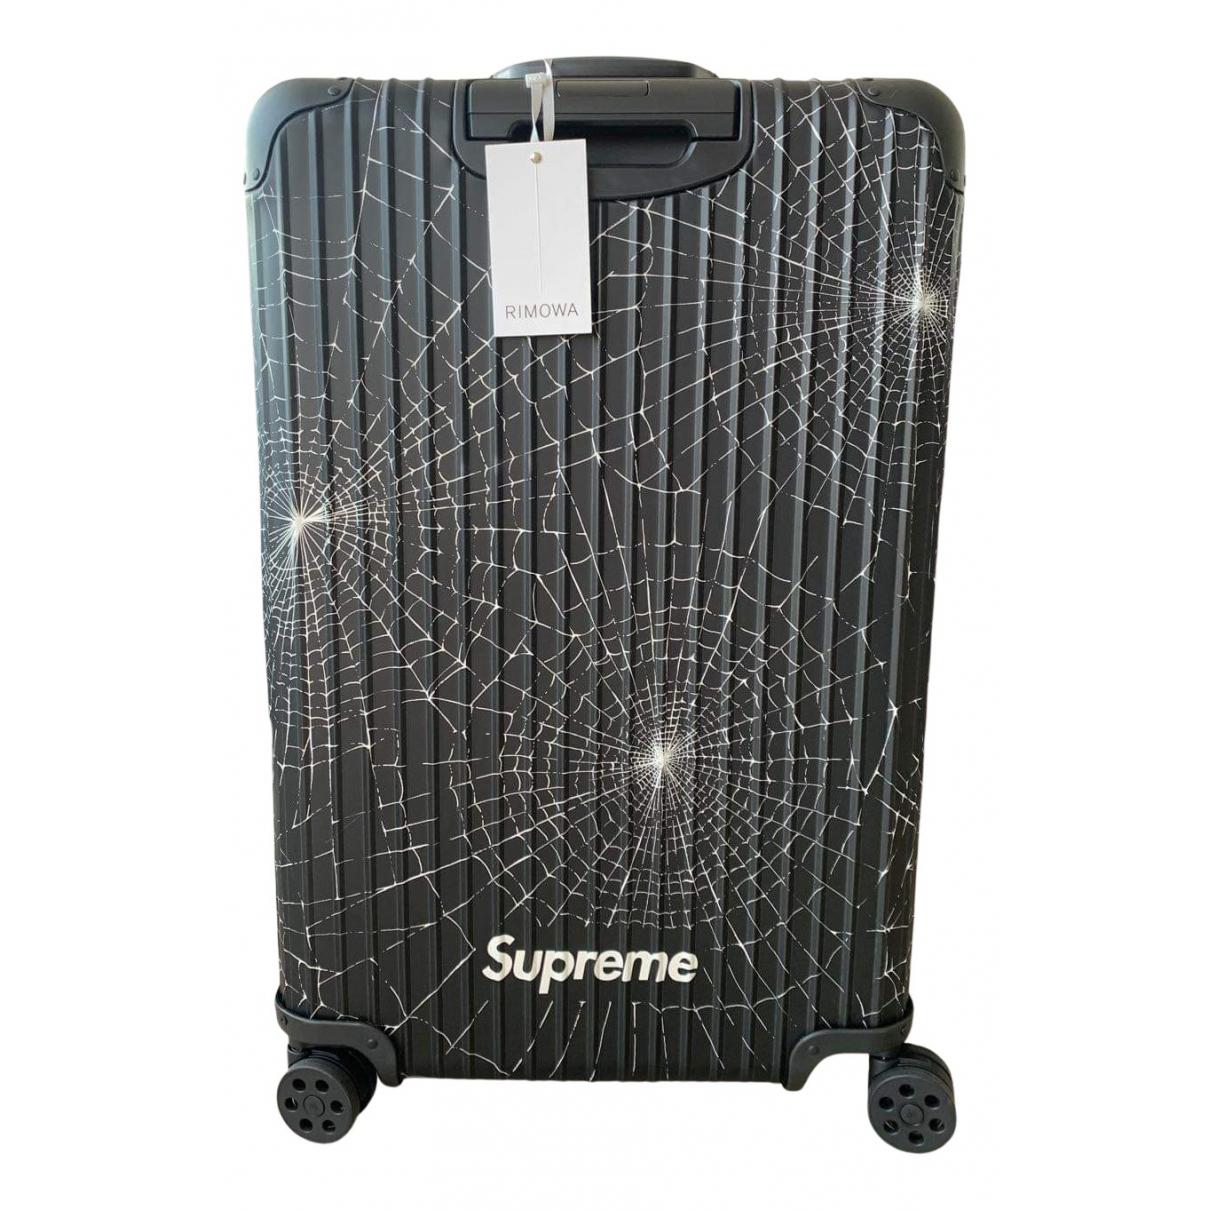 Viajes Rimowa X Supreme